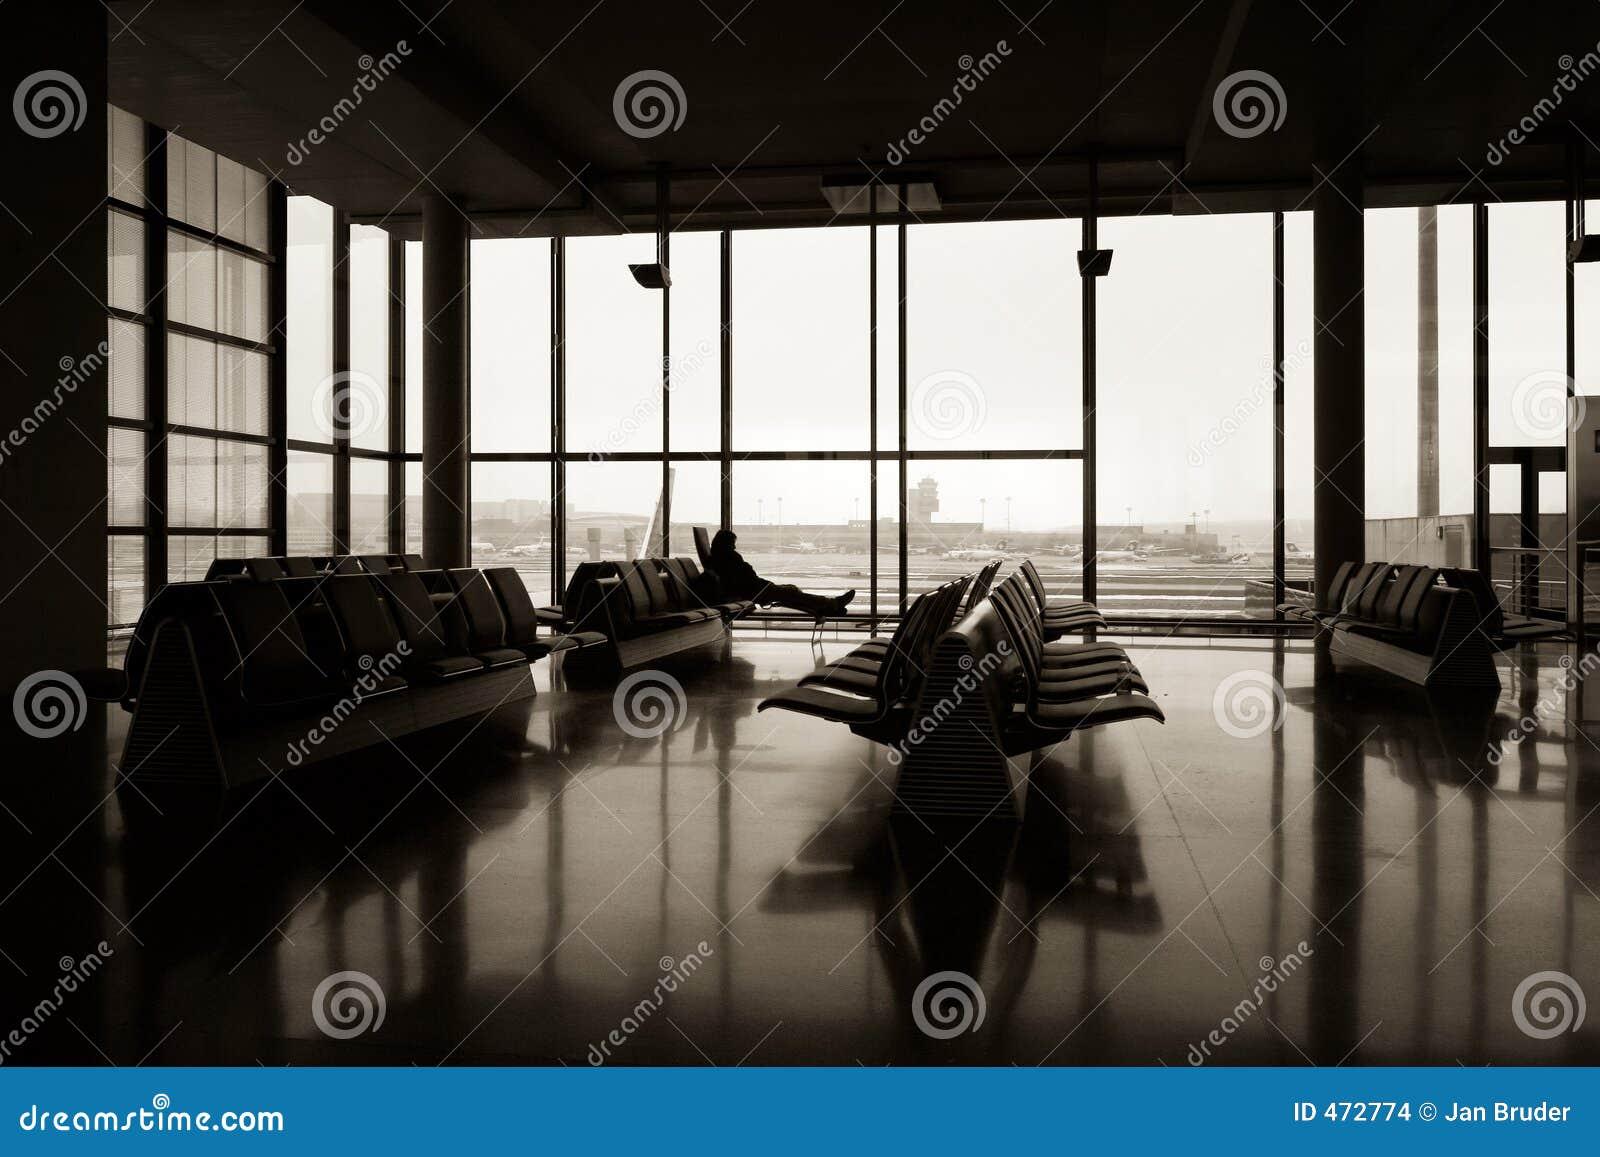 Terminal 2 quad